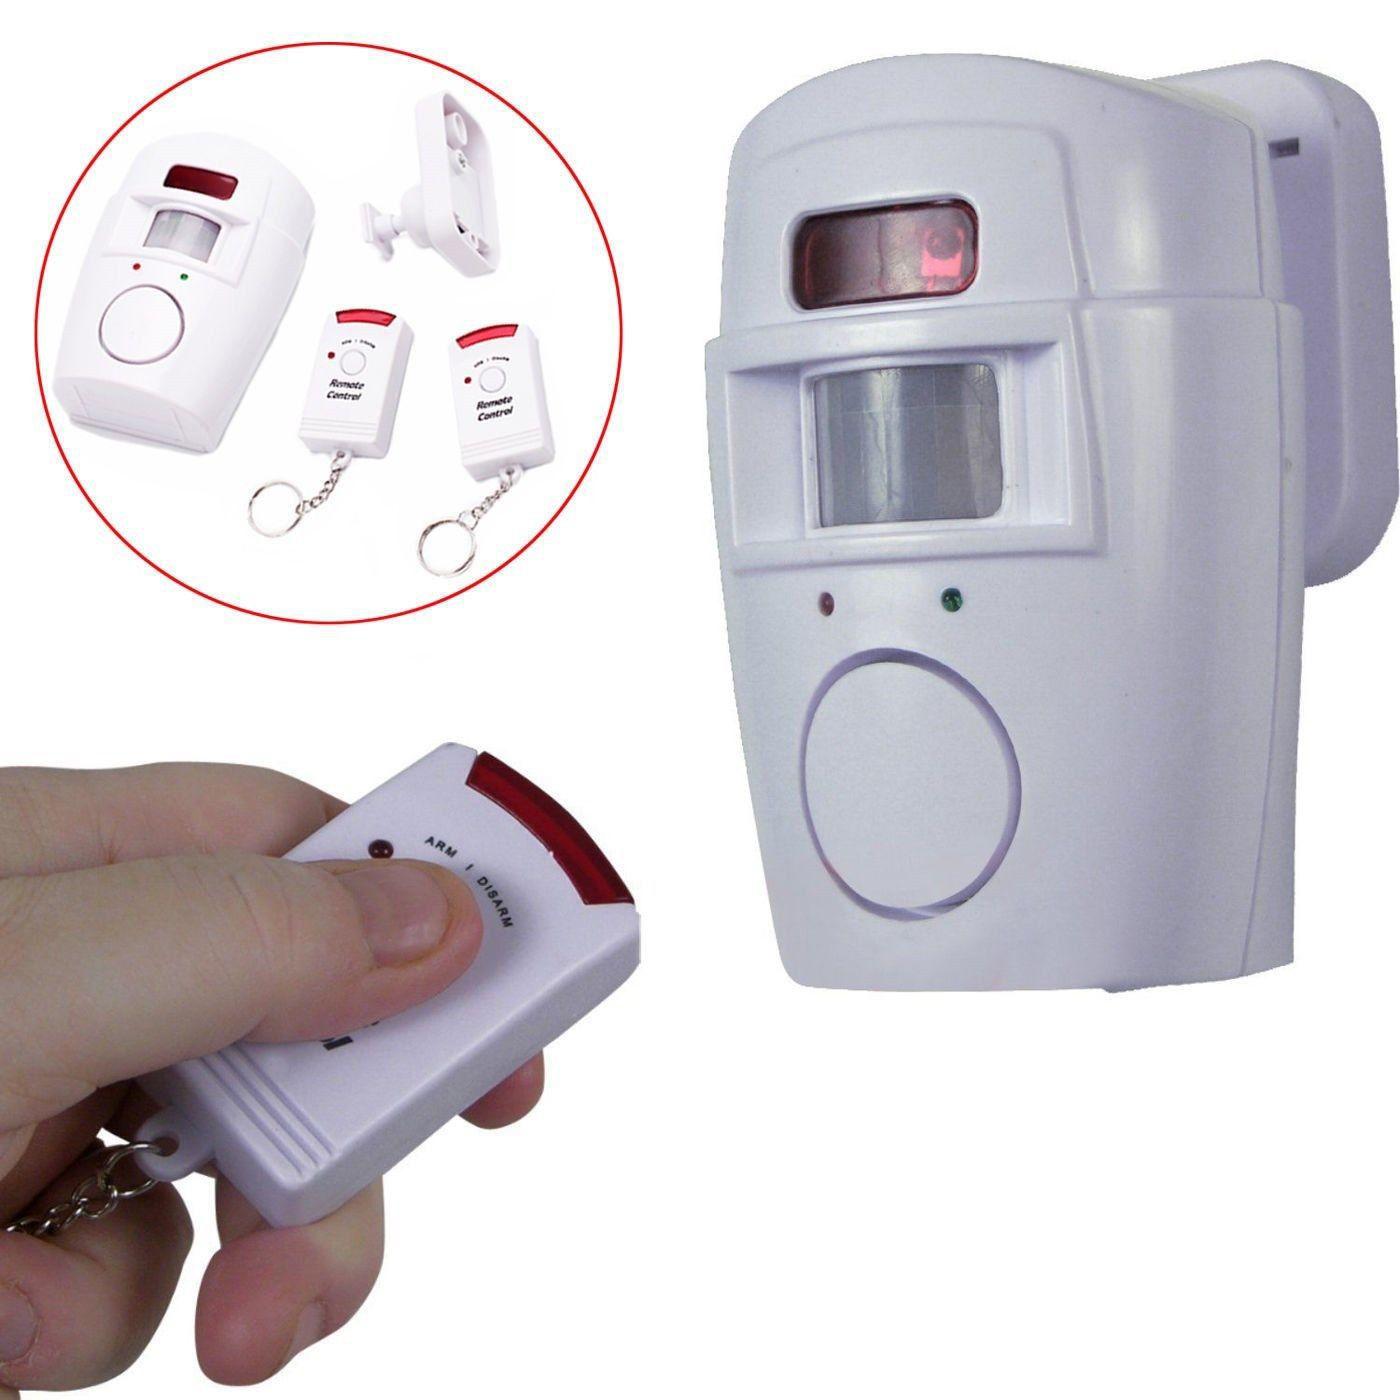 Wireless PIR Bewegungssensor Alarm Einbruchalarm Bewegungsalarm 2 Fernbedienungen Home Security Shed Garage